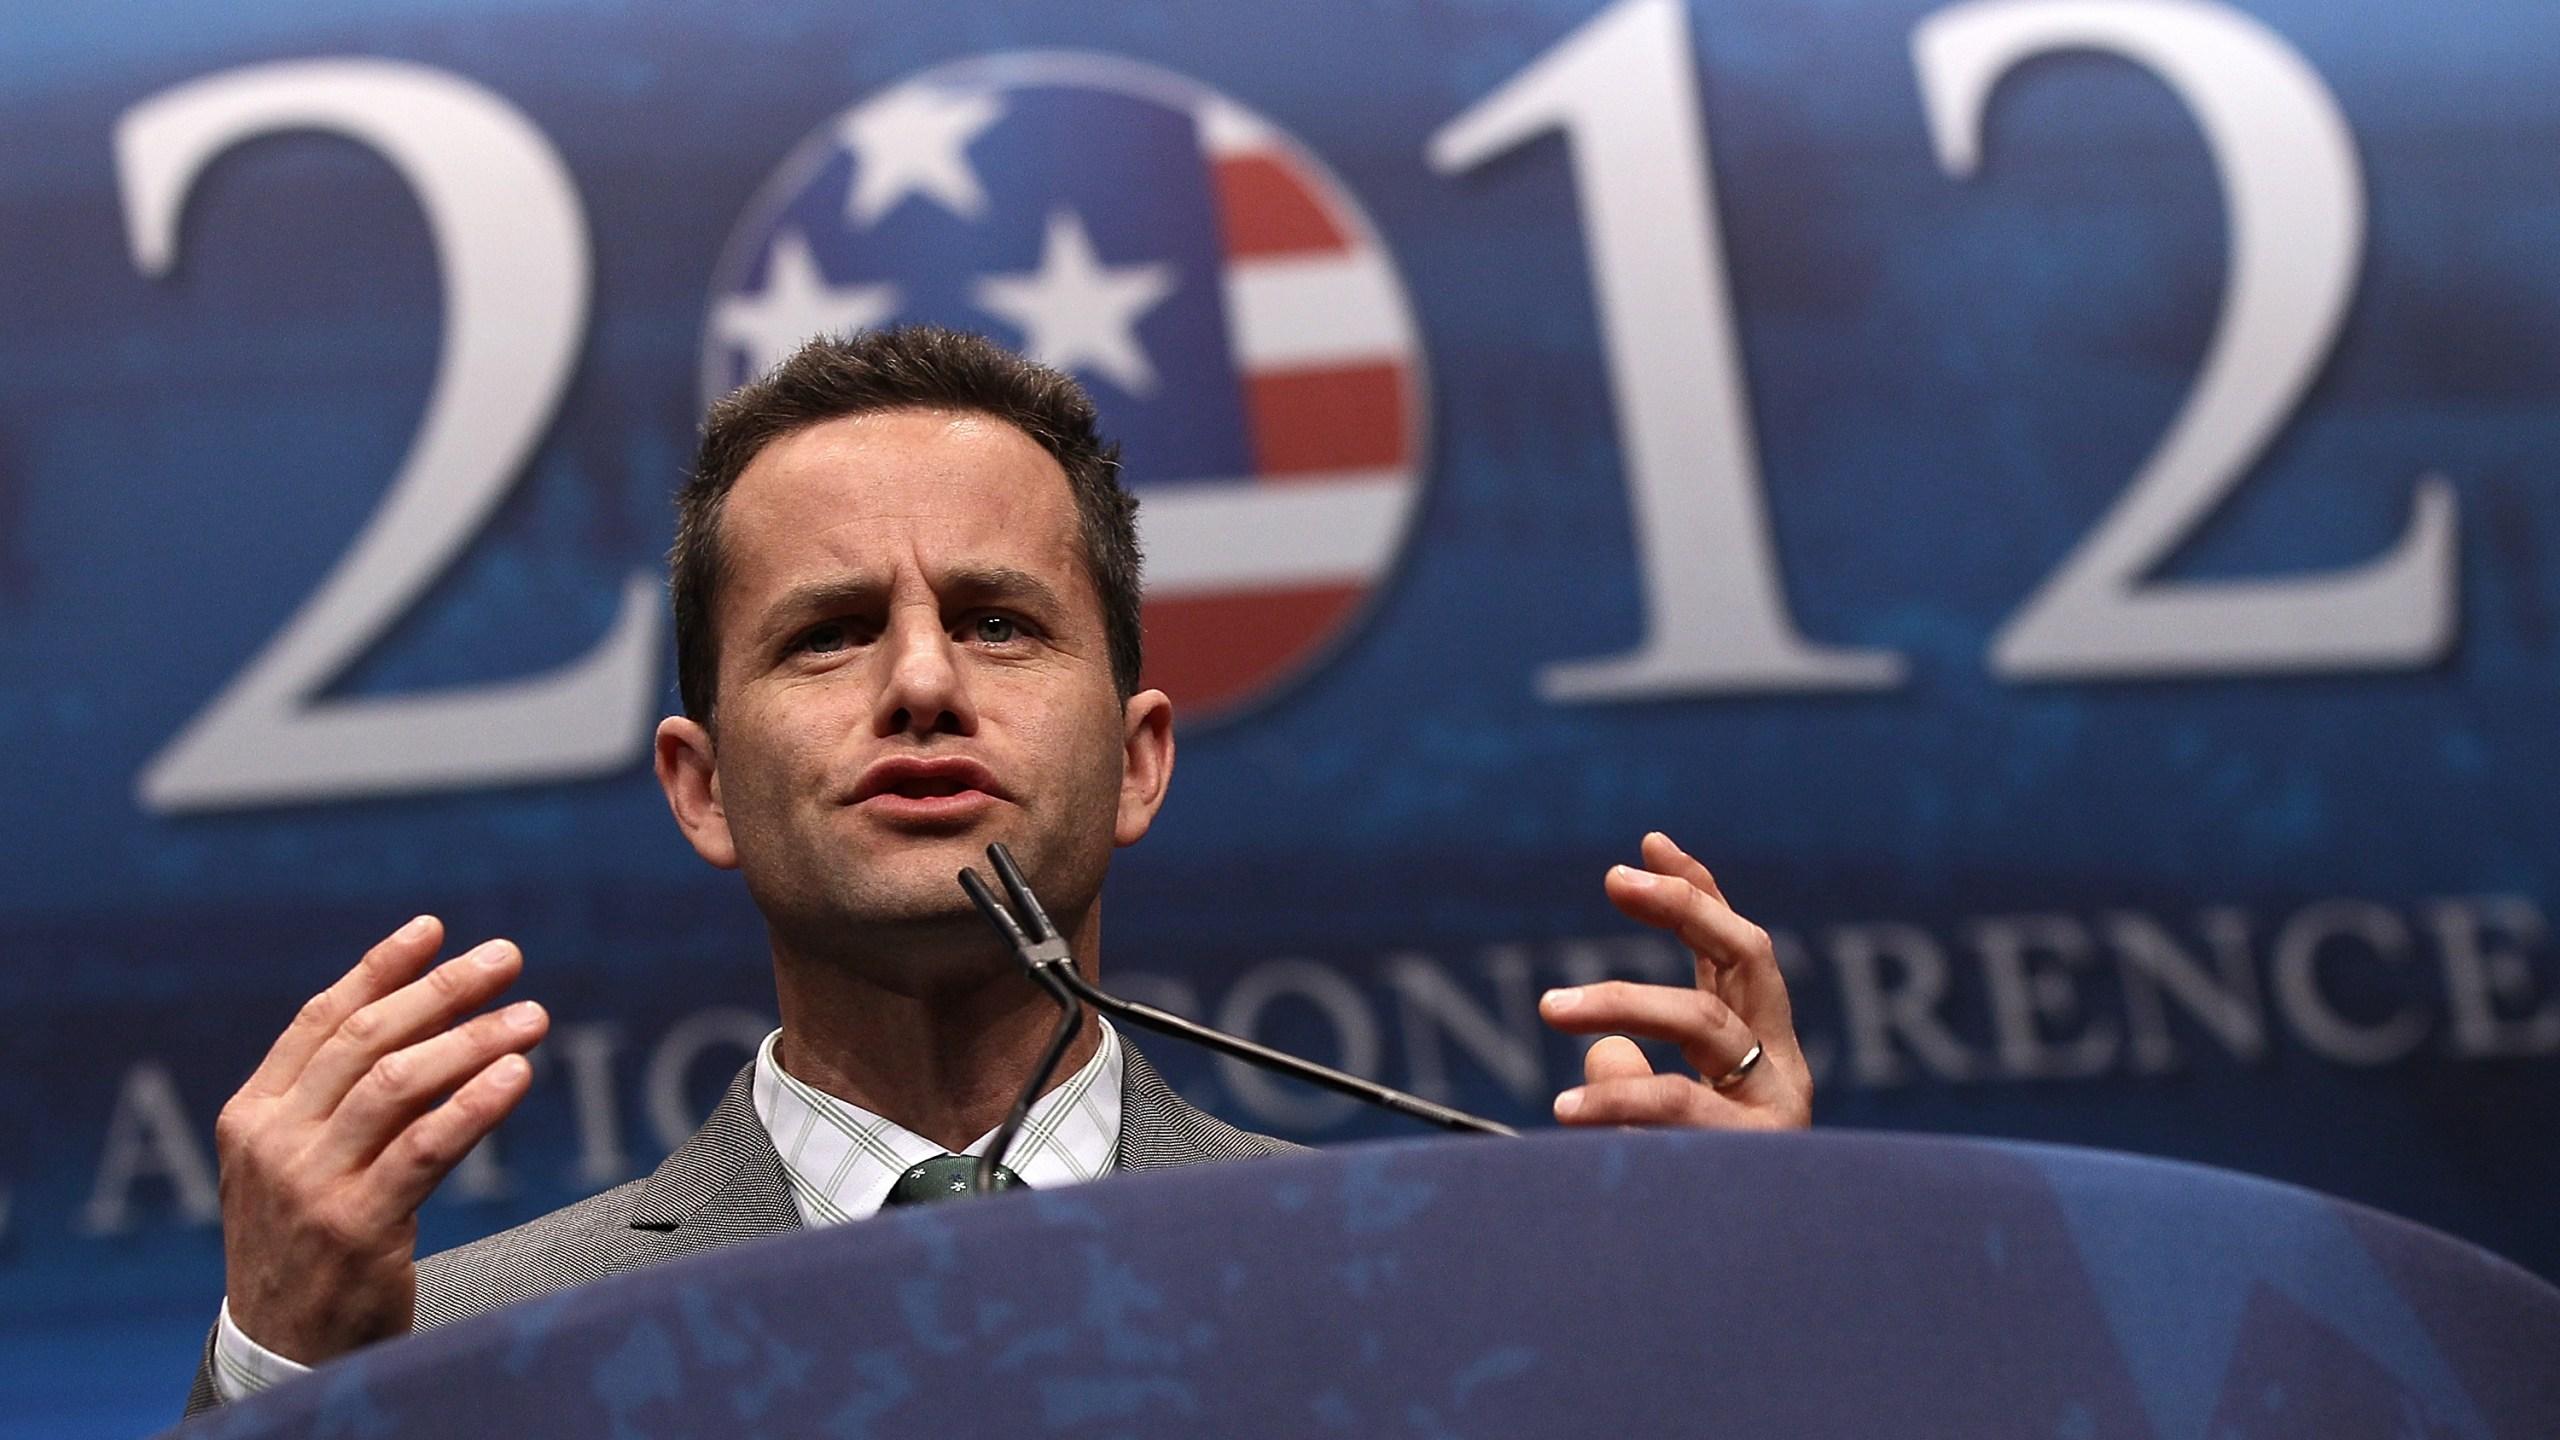 演员柯克-卡梅伦在2012年2月9日,n华盛顿特区的年度保守派政治行动会议上发言。(Win McNamee/Getty Images)(photo:KTLA)